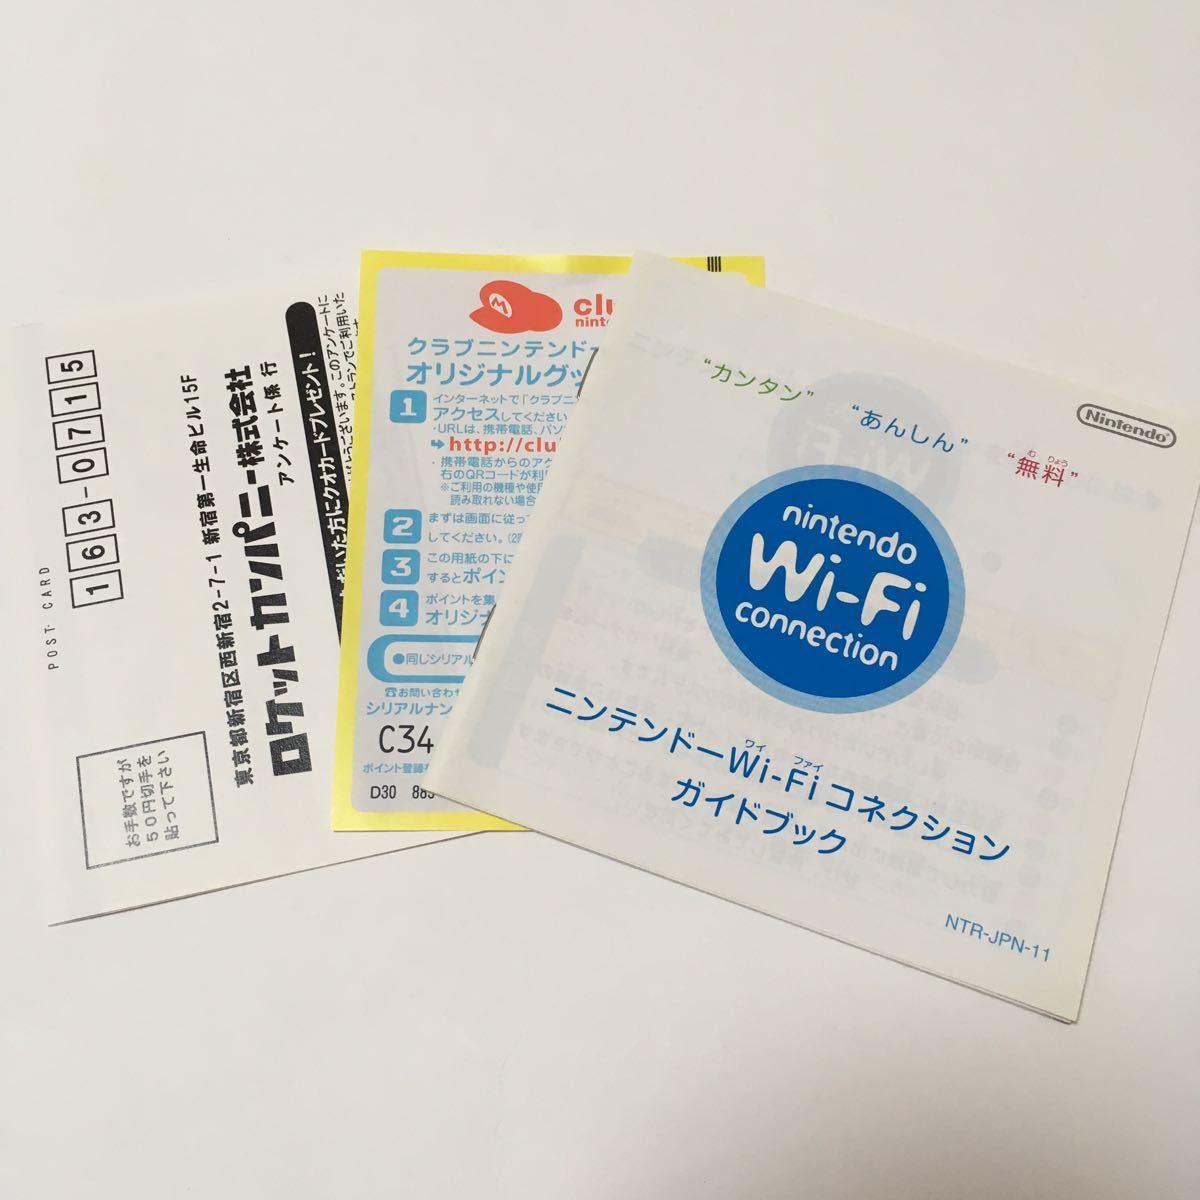 ニンテンドーDS  ソフト ミニ四駆DS  動作確認済み タミヤ TAMIYA  ロケットカンパニー ニンテンドー レトロ ゲーム